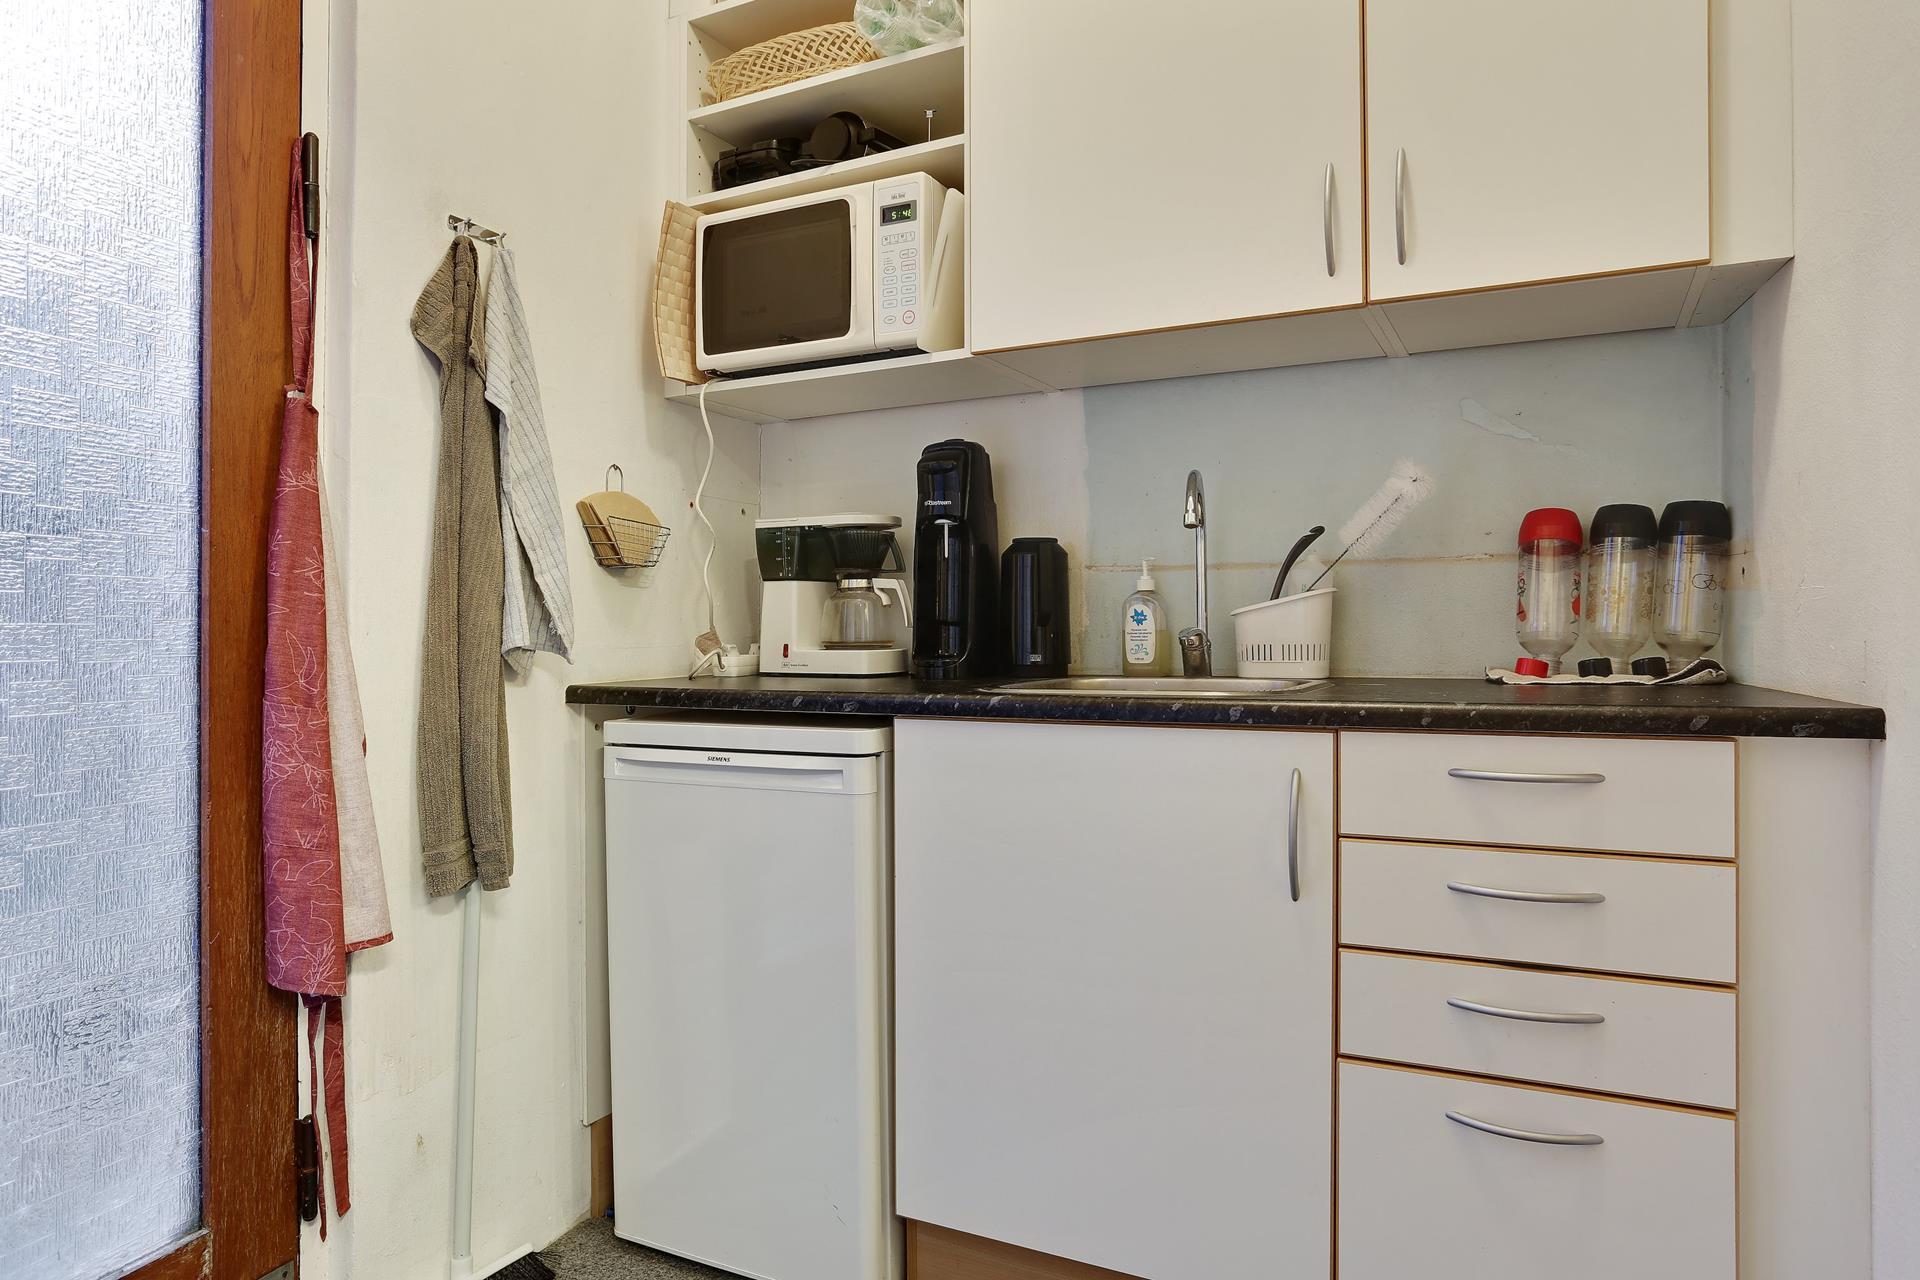 Bolig/erhverv på Sct Hansgade i Ringsted - Køkken